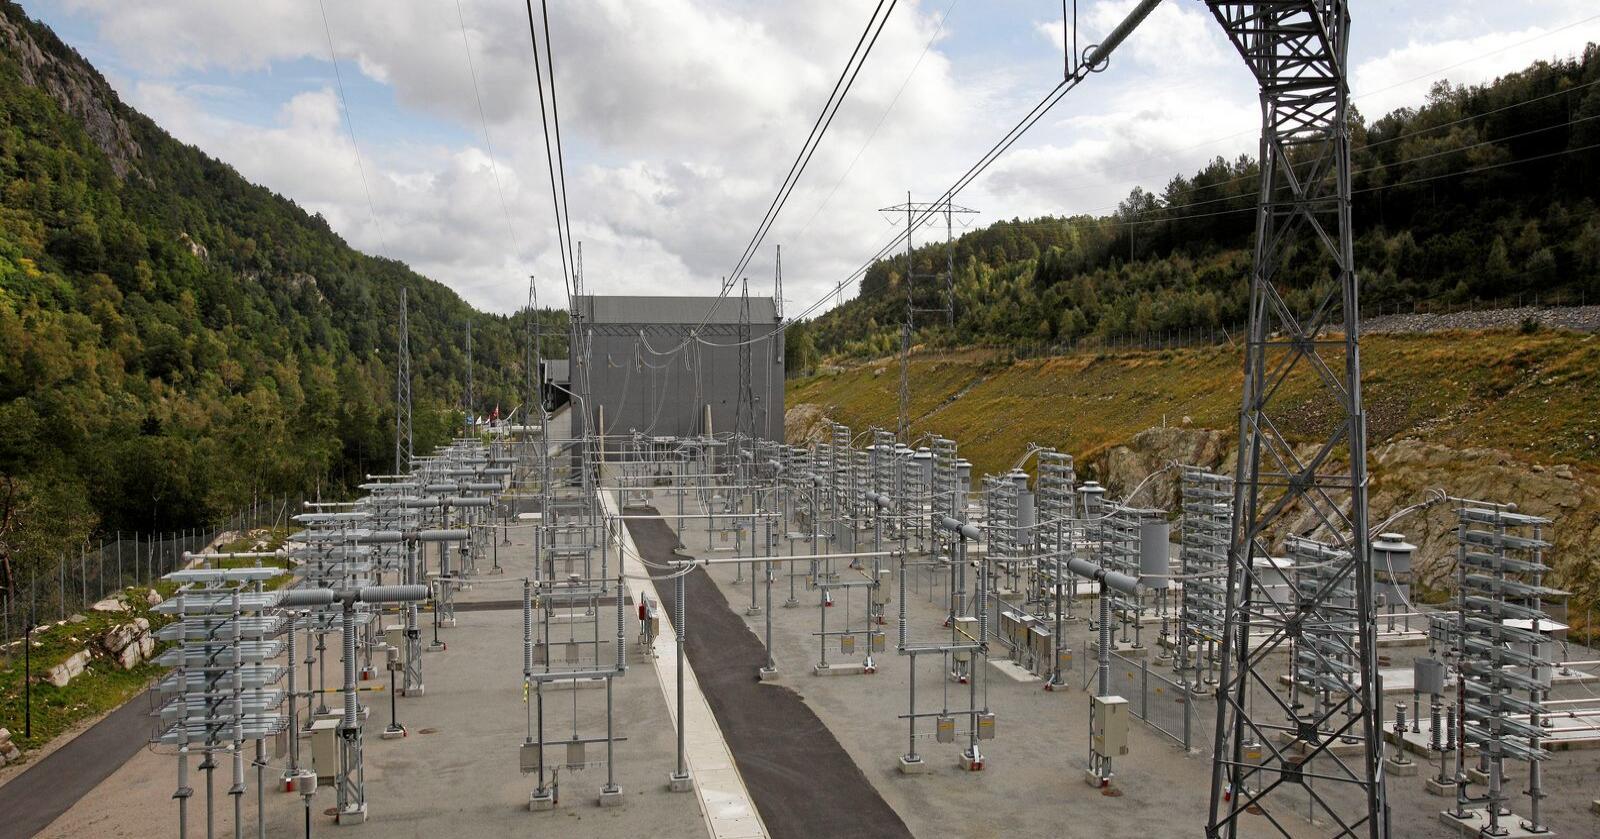 Utenlandskabel: Flere overføringskabler til utlandet kan erstatte fossil energi med norsk, fornybar kraft. Foto: Tor Erik Schrøder/NTB scanpix